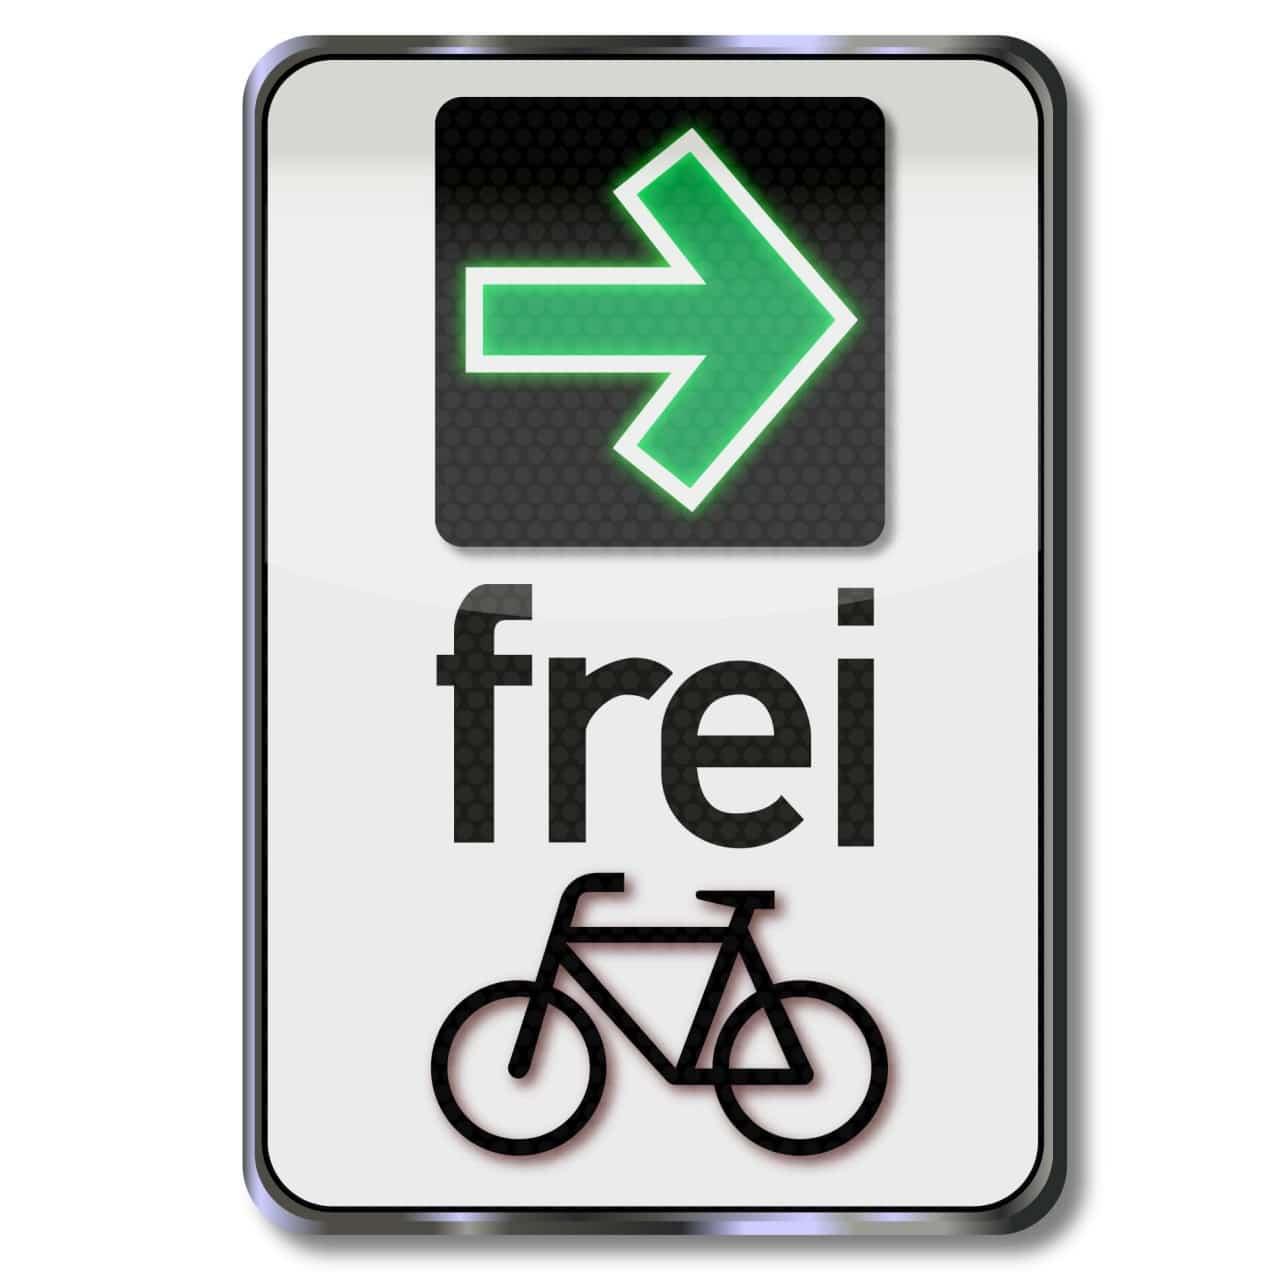 Grüner Pfeil Radfahrer Radler Abbiegepfeil Ampel Rotlicht Grünpfeil Pilotprojekt Fahrradstadt Verkehr PRO AUGSBURG Antrag